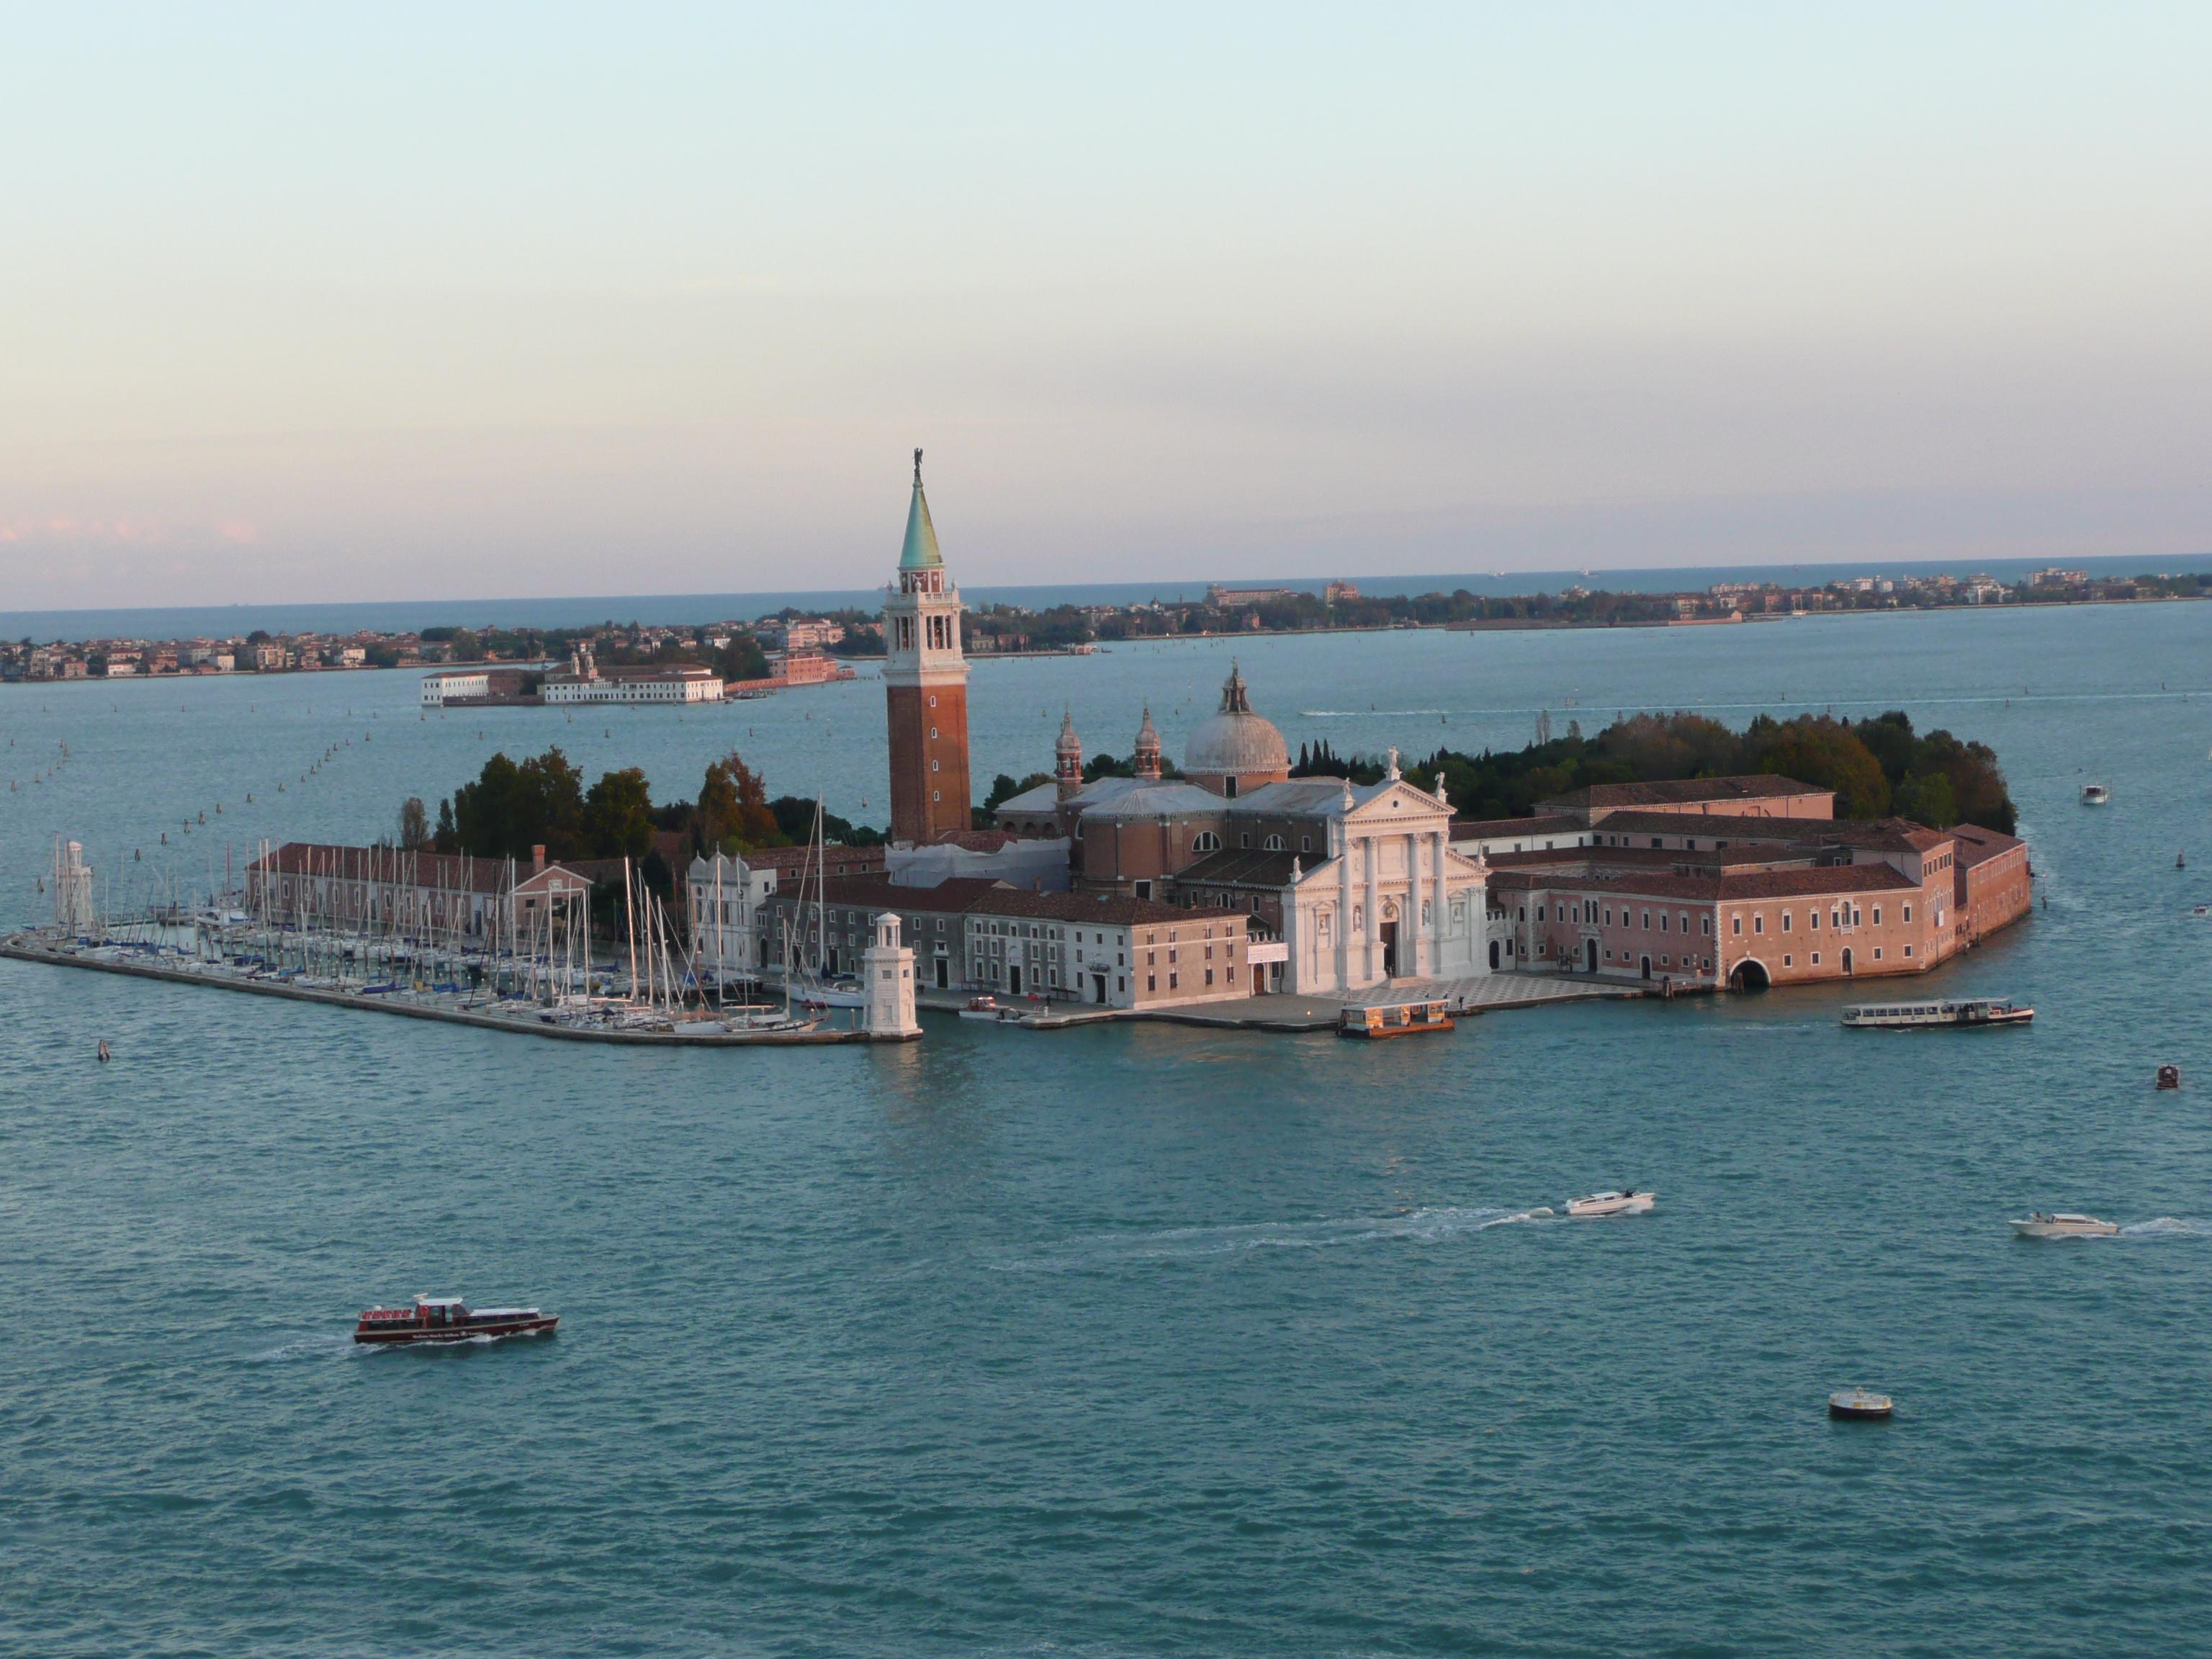 https://upload.wikimedia.org/wikipedia/commons/6/6f/Venise_-_S_Giorgio_Maggiore_depuis_le_campanile_St_Marc.JPG